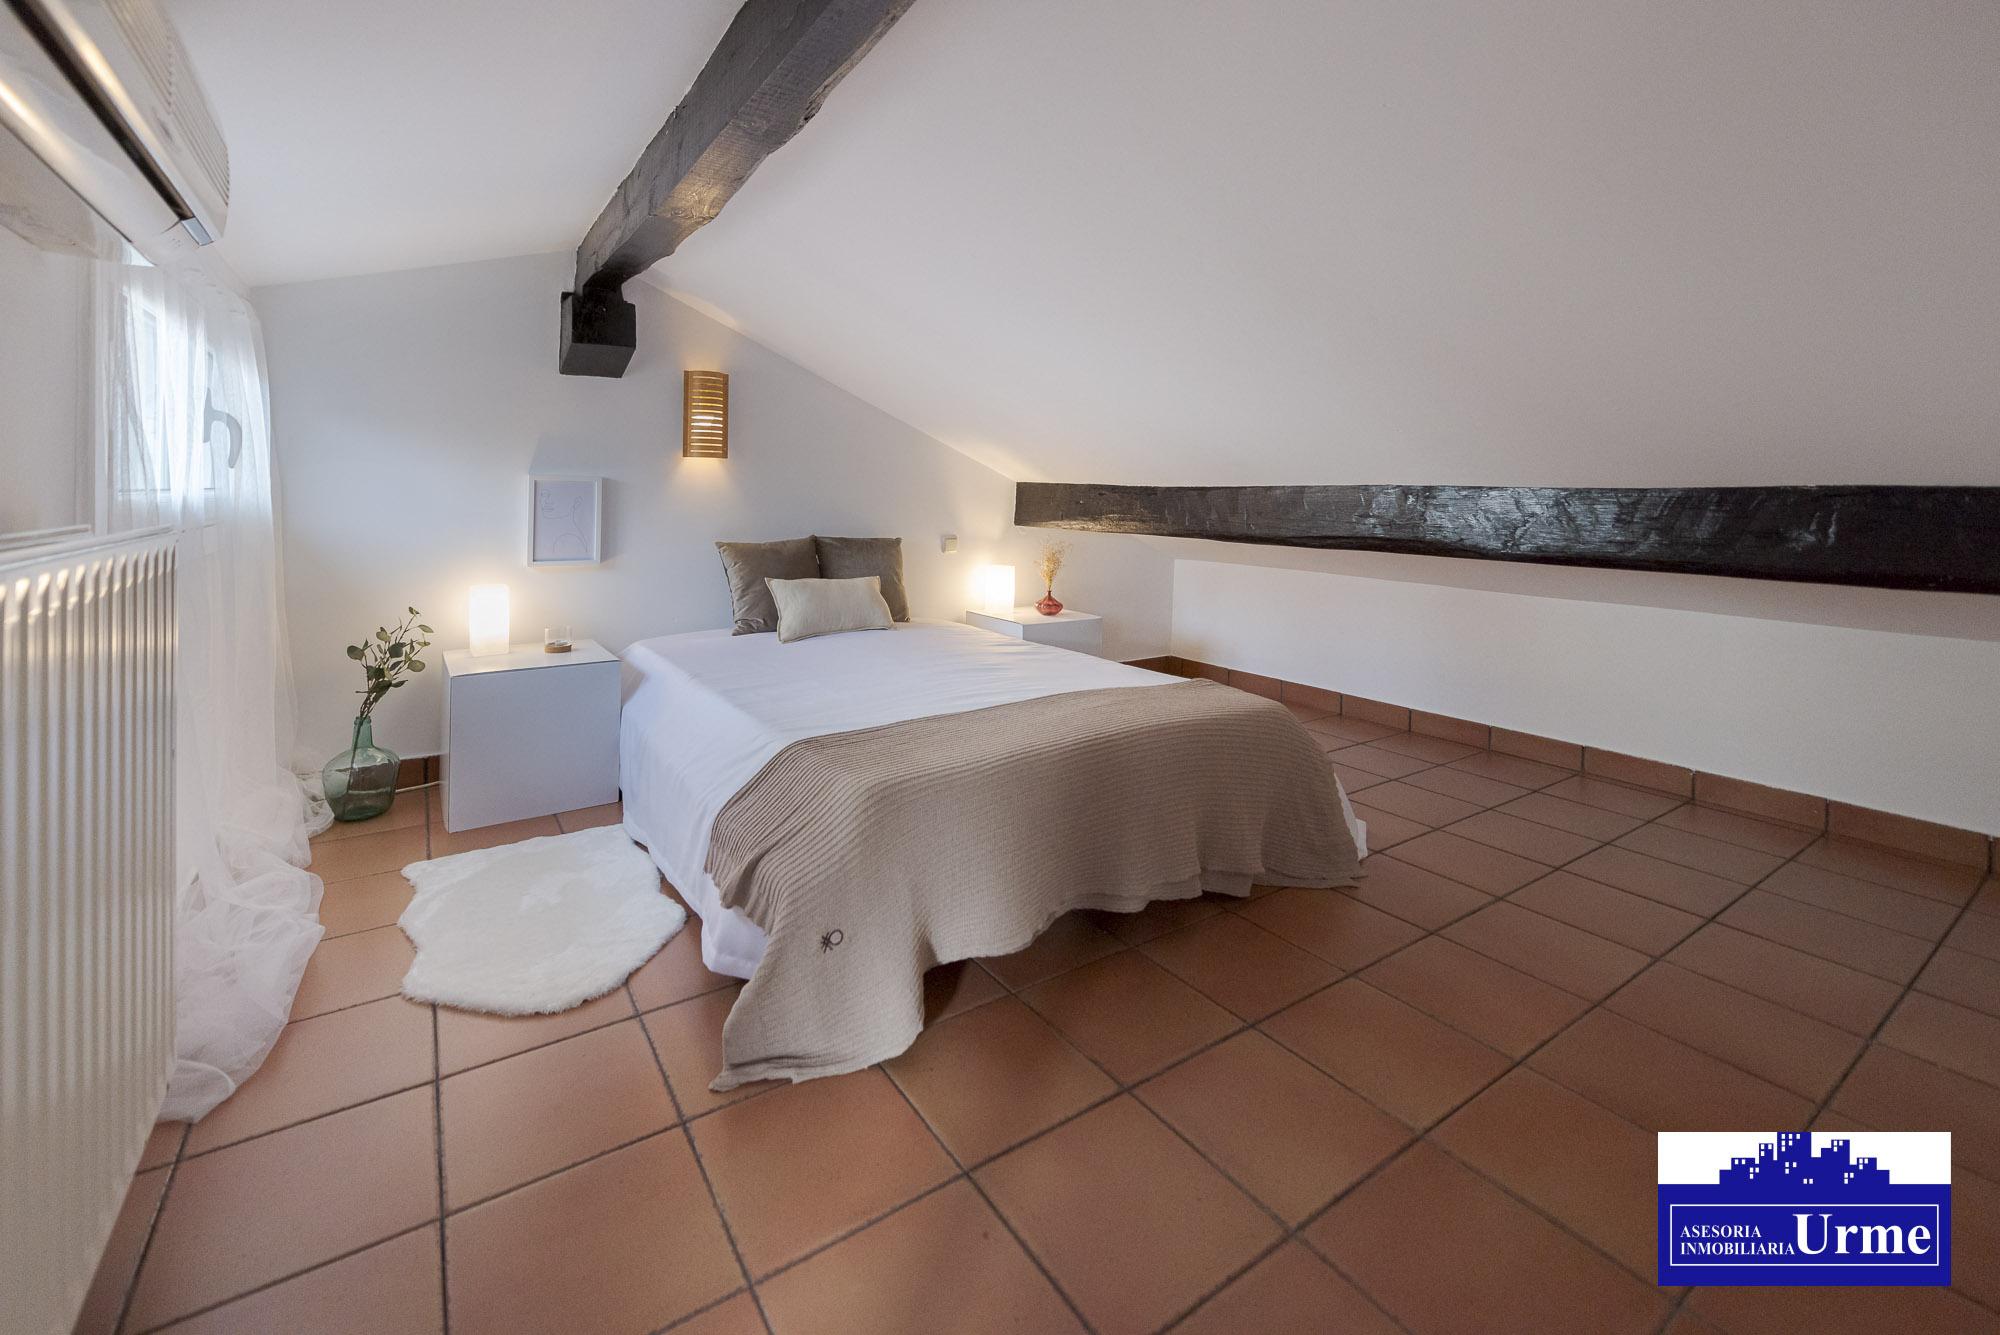 Atico! estupendo!! 3 habitaciones ,salon,cocina, baño completo y aseo con lavabo!Te gustara!!